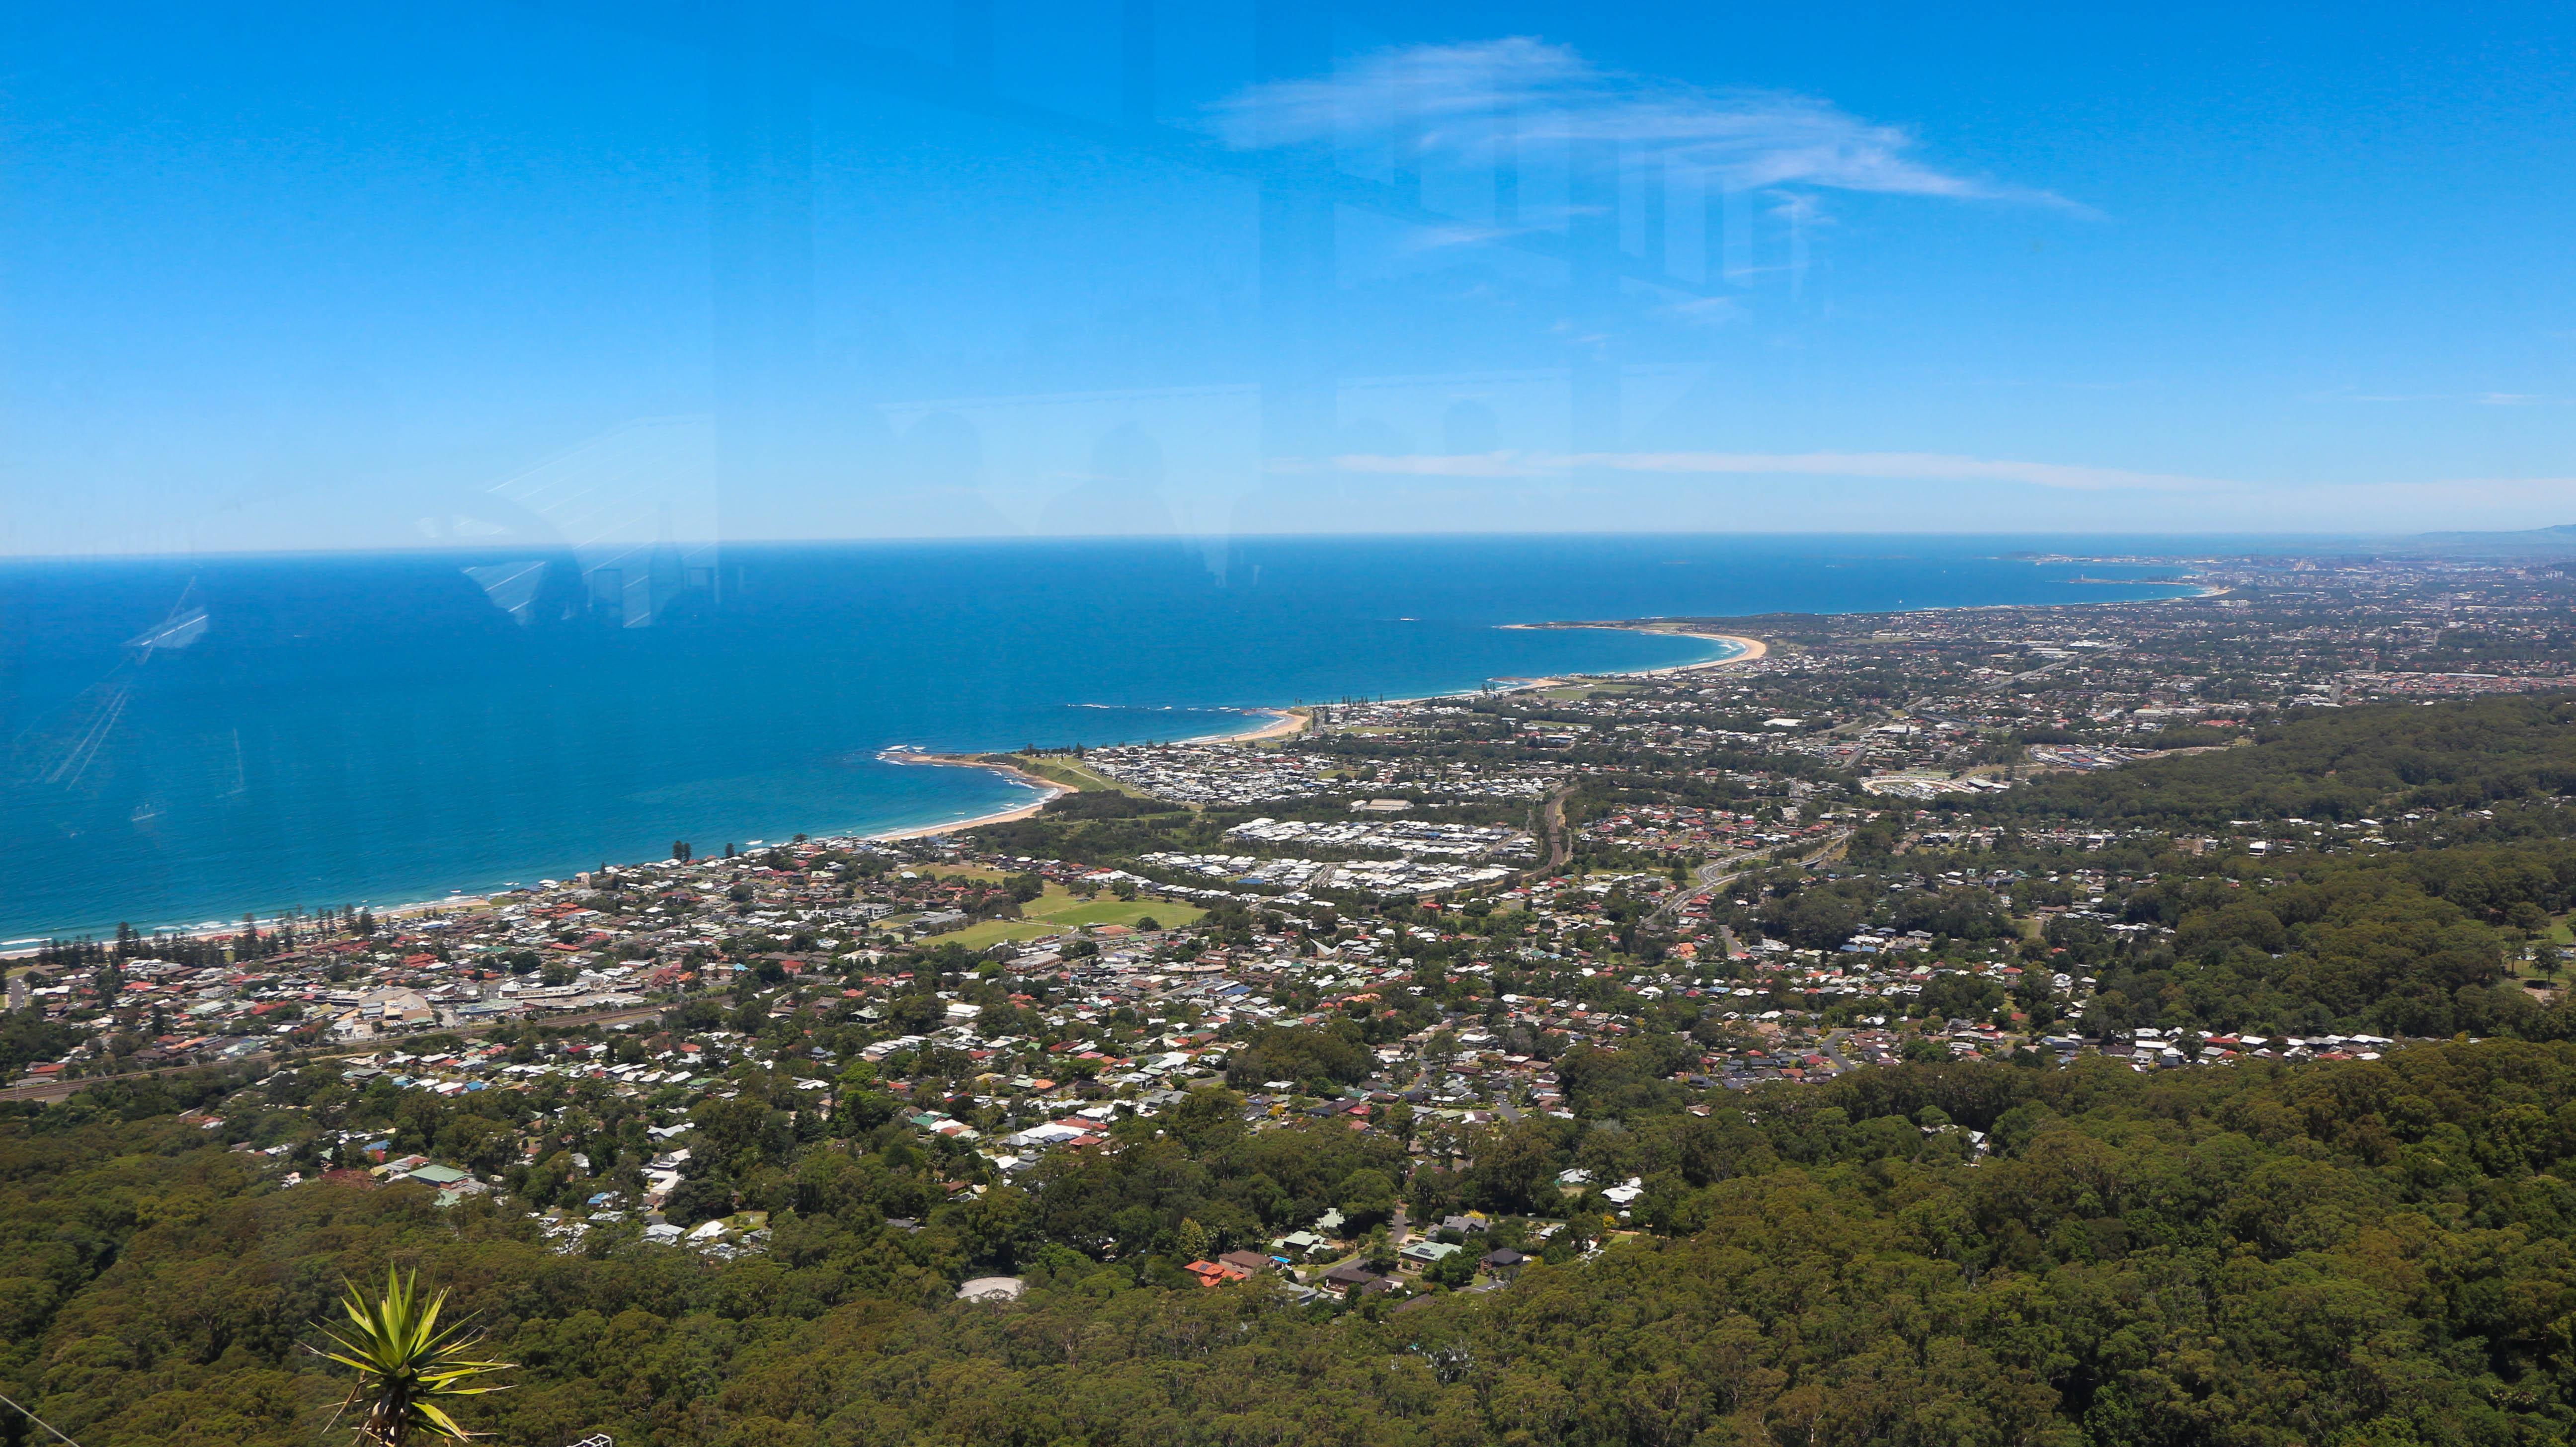 Panoramic views of Wollongong